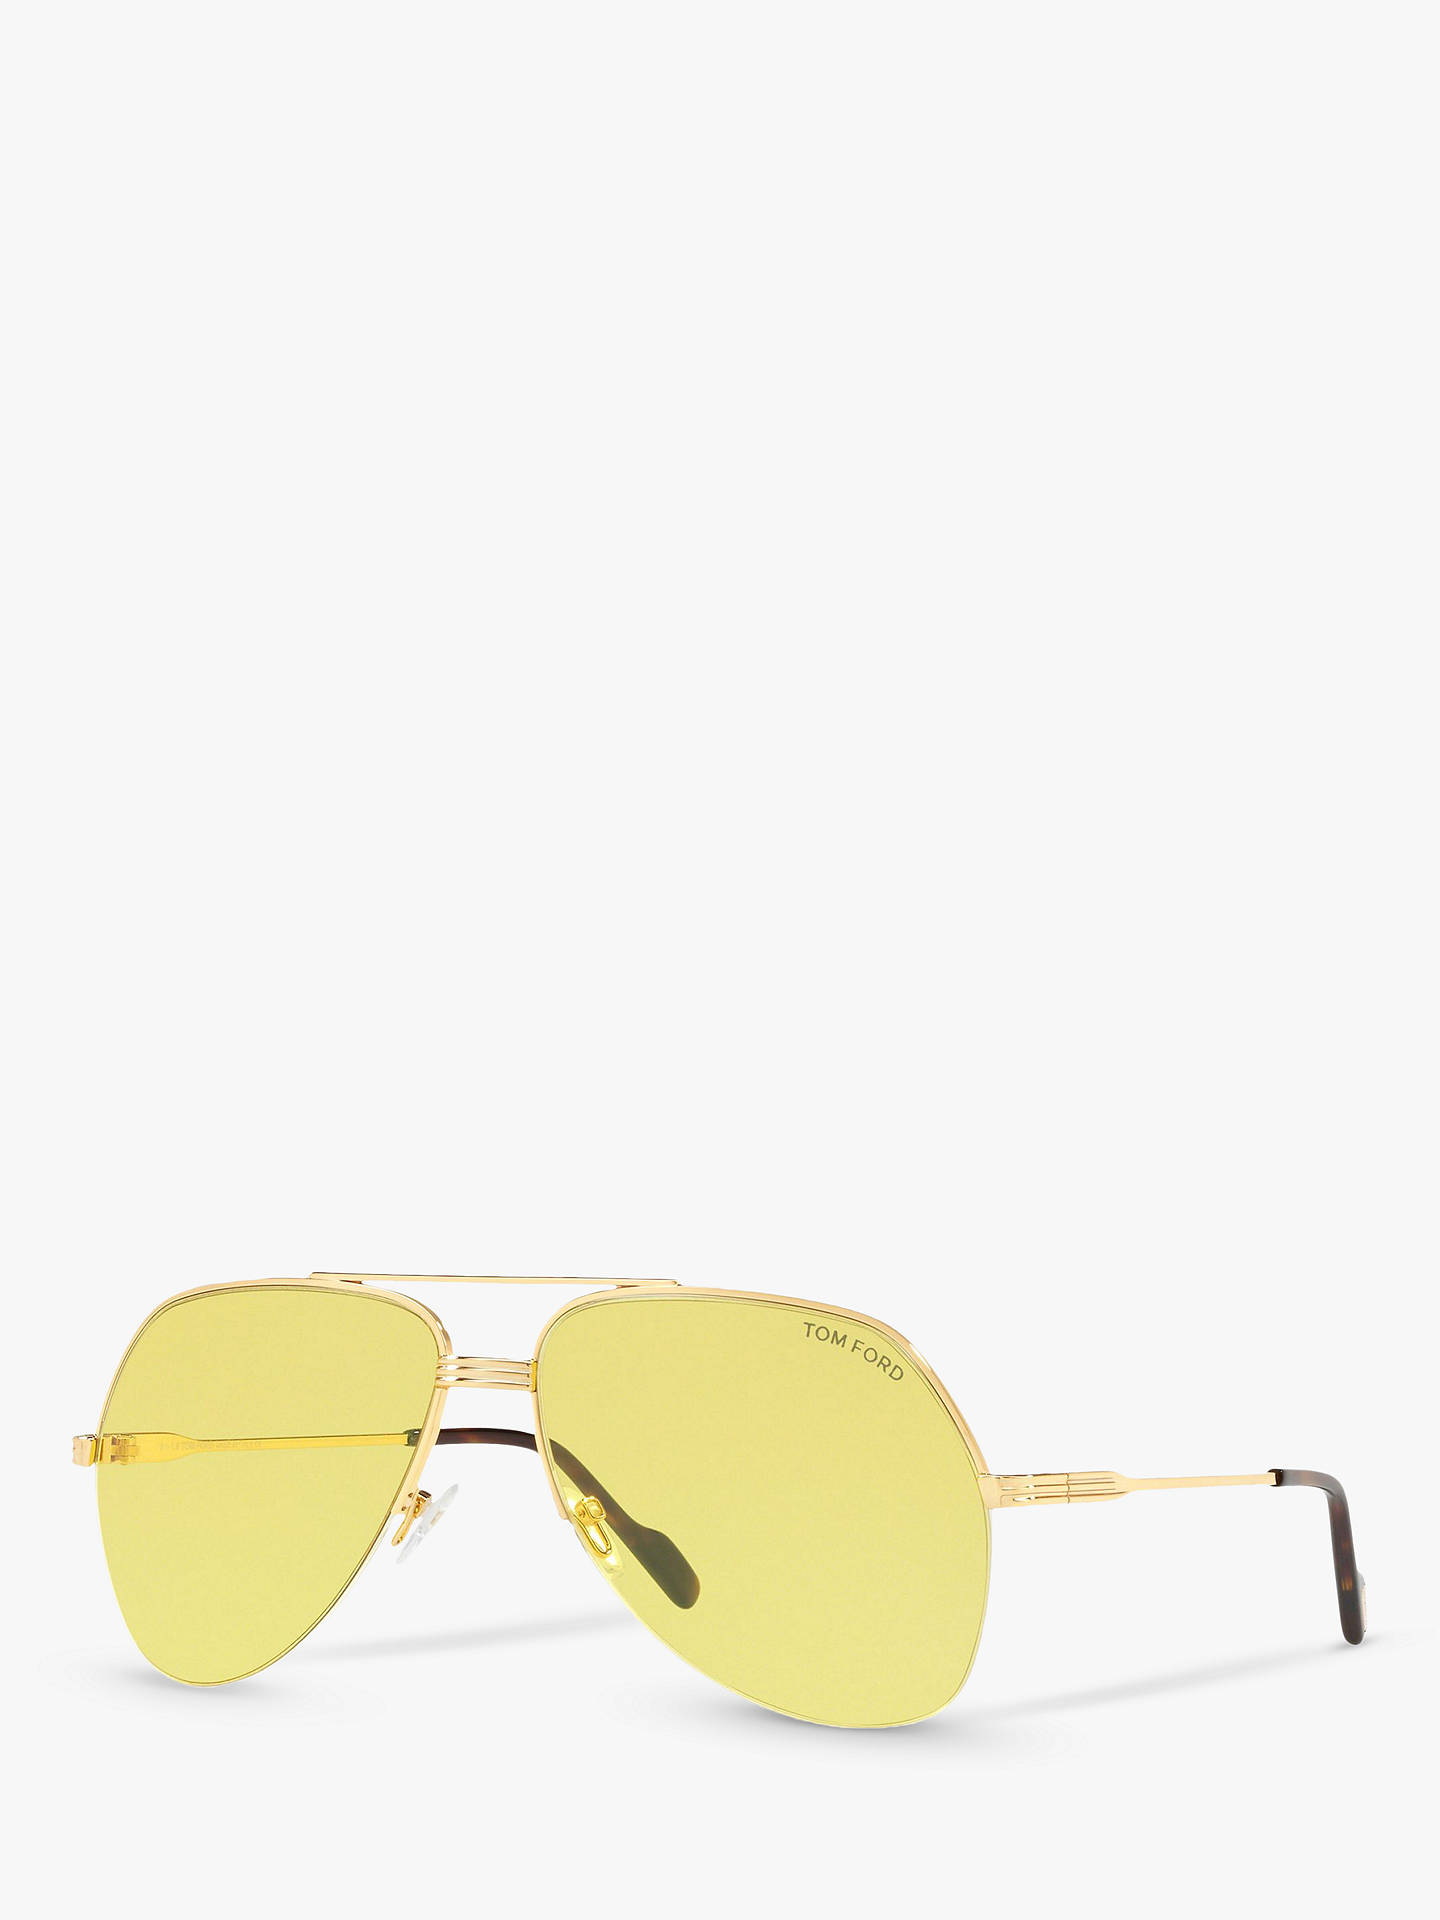 e8414f2fe Buy TOM FORD FT0644 Wilder Men's Aviator Sunglasses, Gold/Yellow Online at  johnlewis.